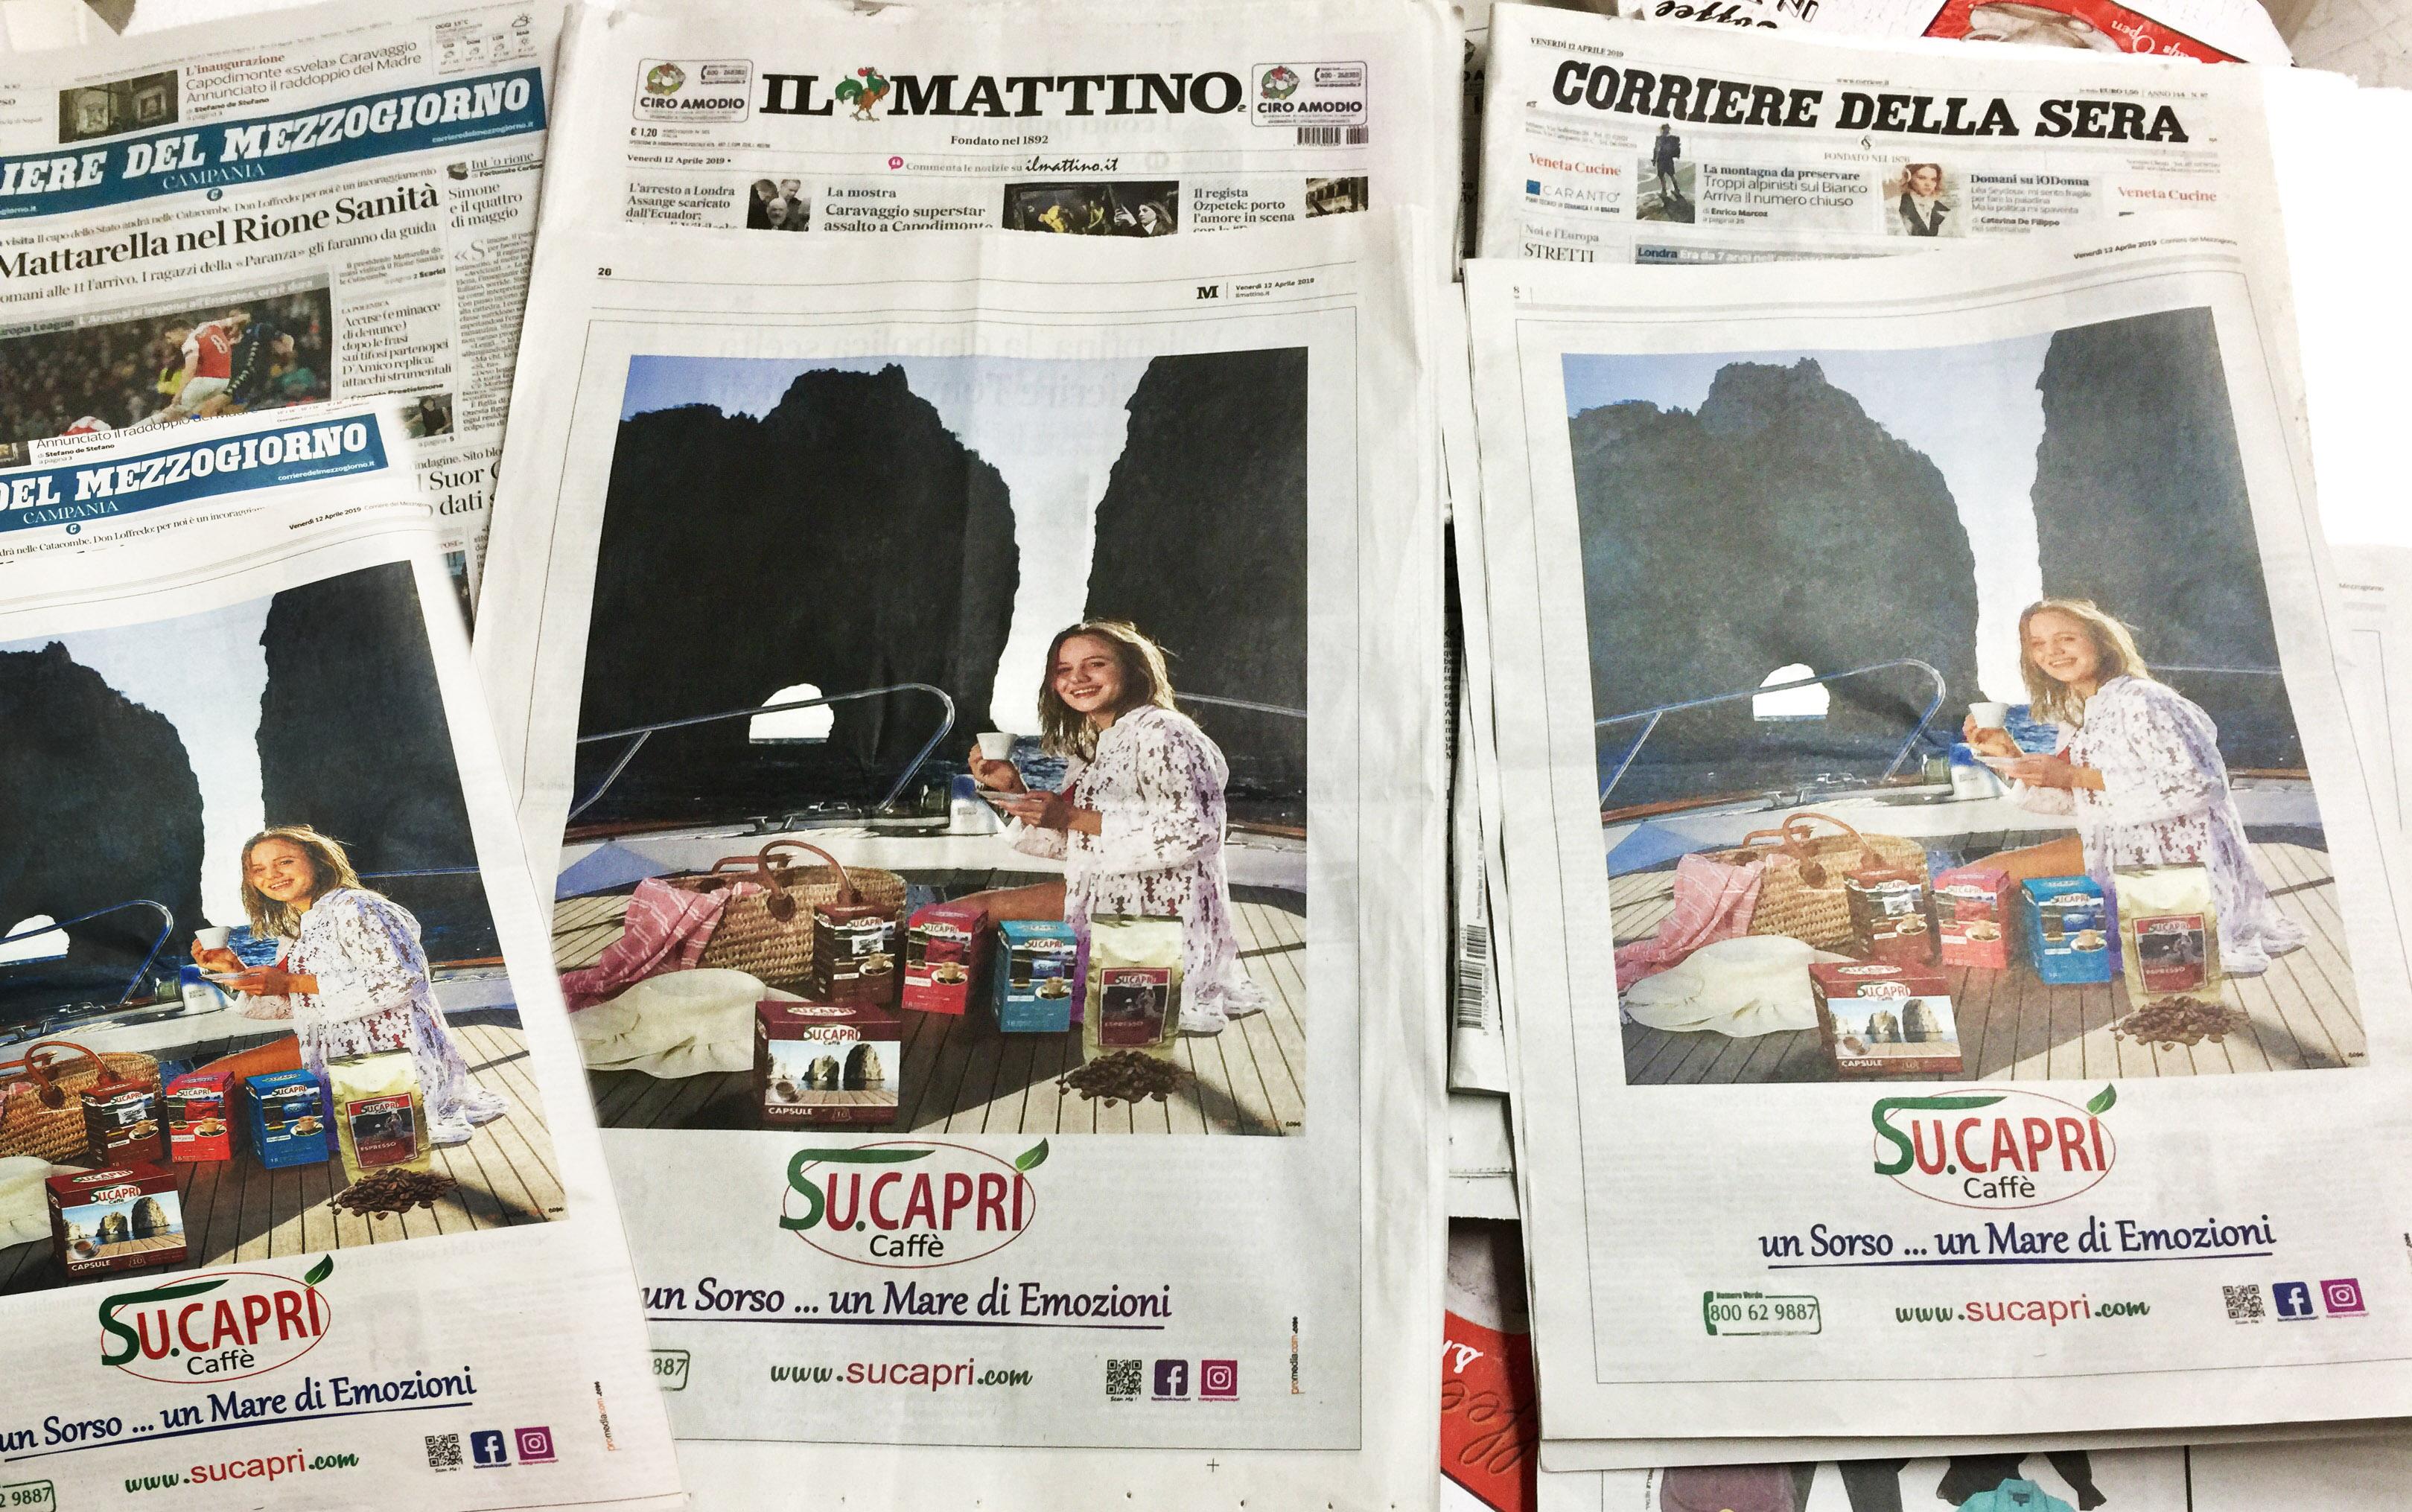 Caffè Su.Capri protagonista della campagna sui principali Quotidiani Italiani